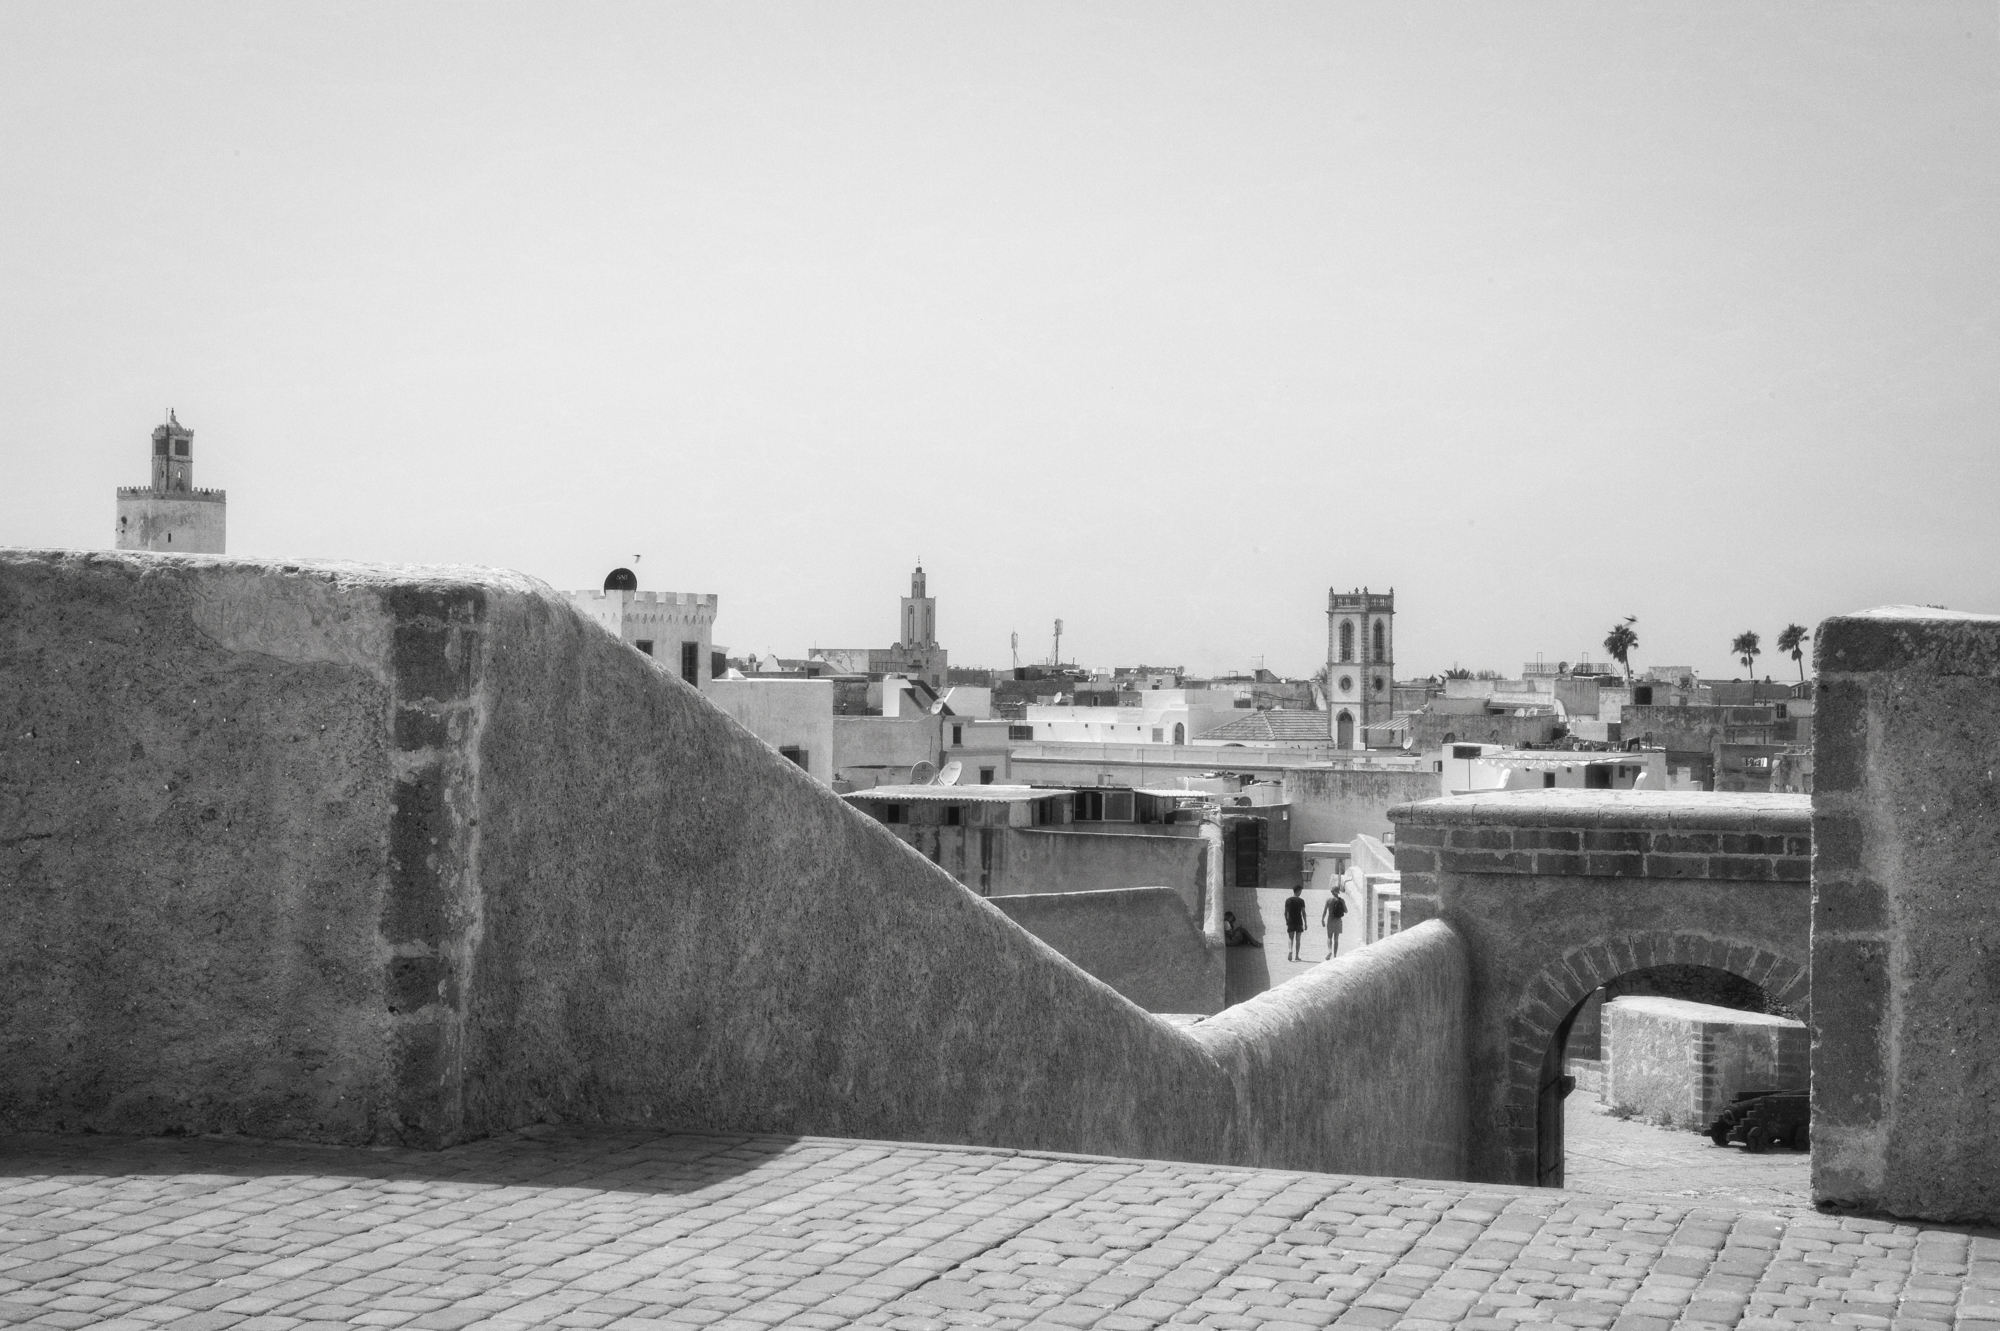 El-Jadida, Morocco